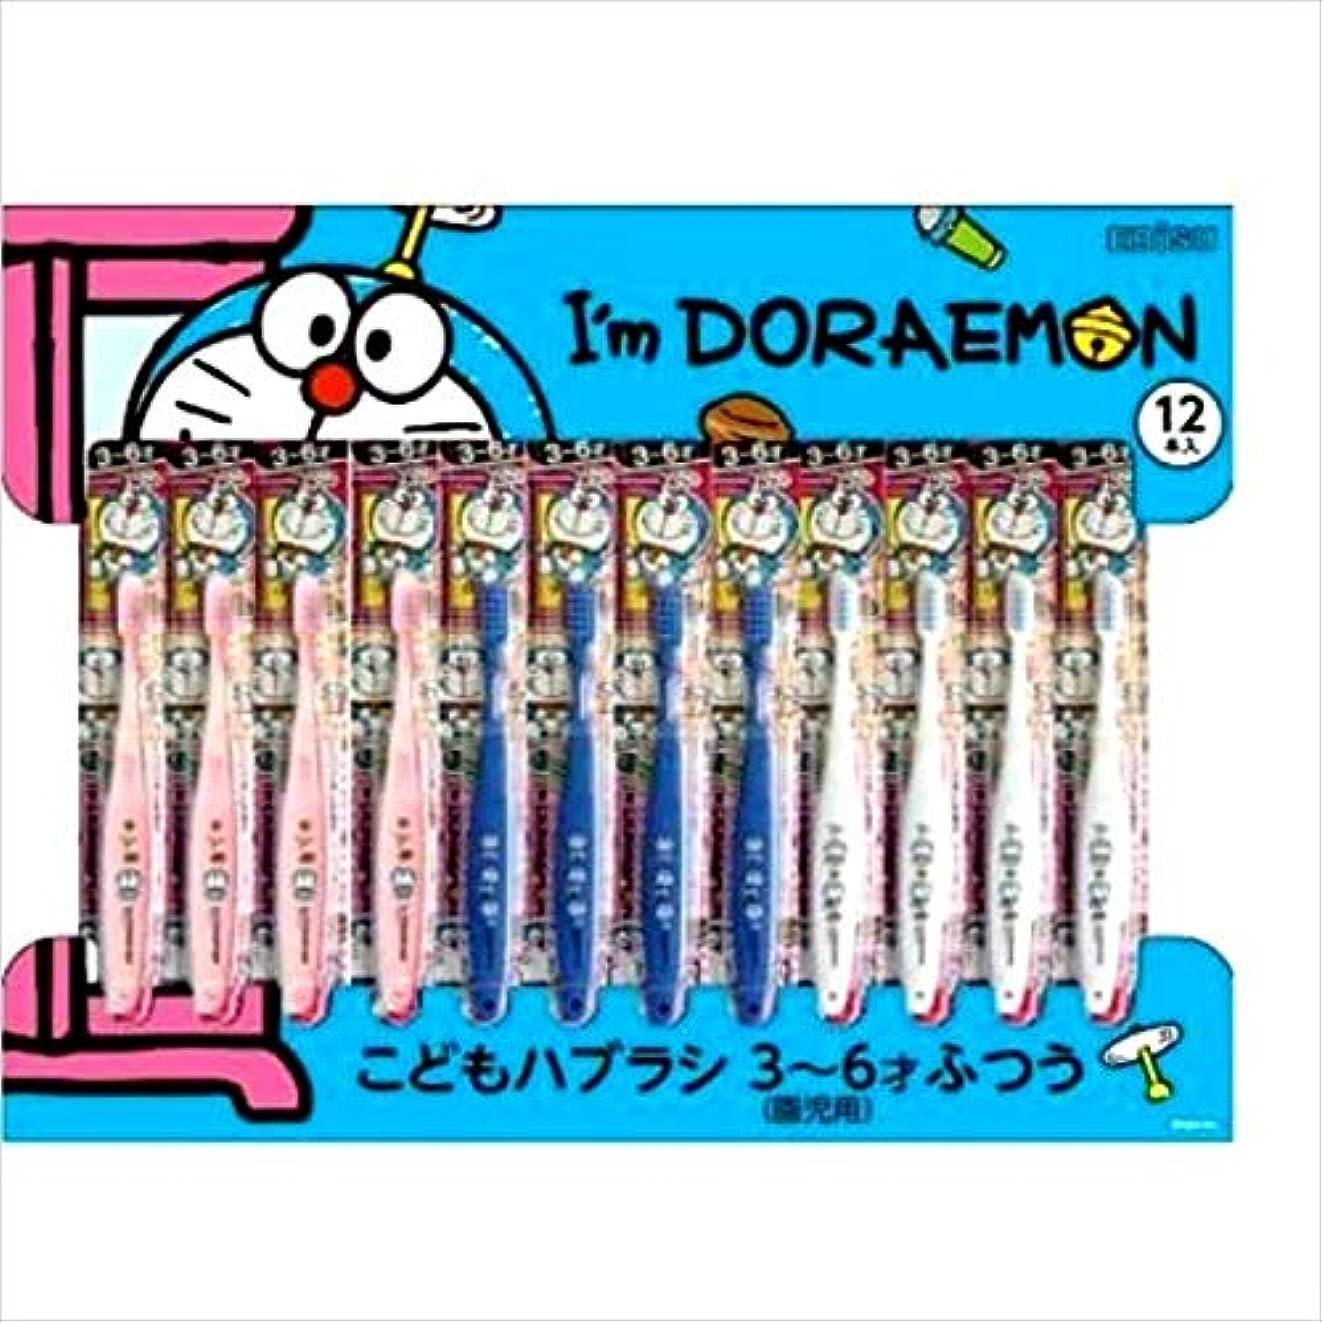 マラドロイト分類むしろI'M DORAEMON 子供用 歯ブラシ 12本入り